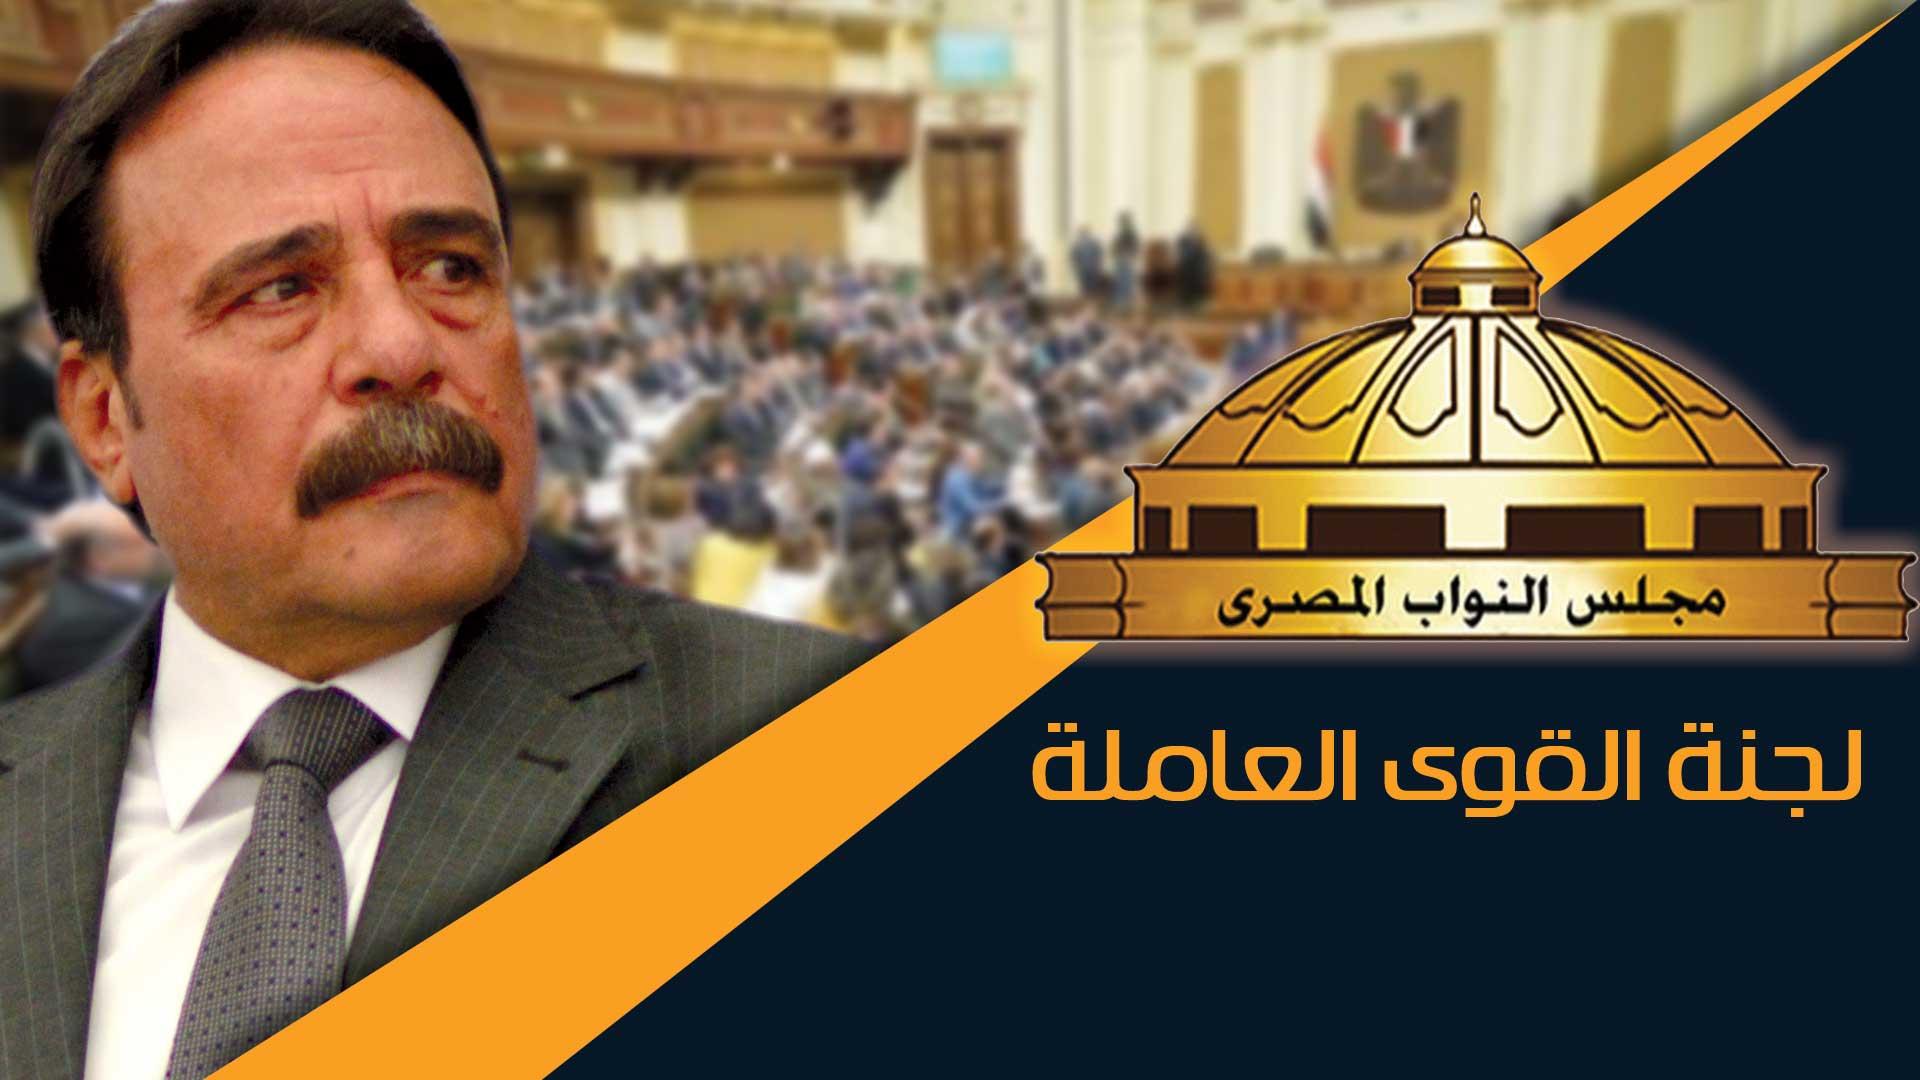 نشرة اخبار لجنة القوى العاملة بمجلس النواب